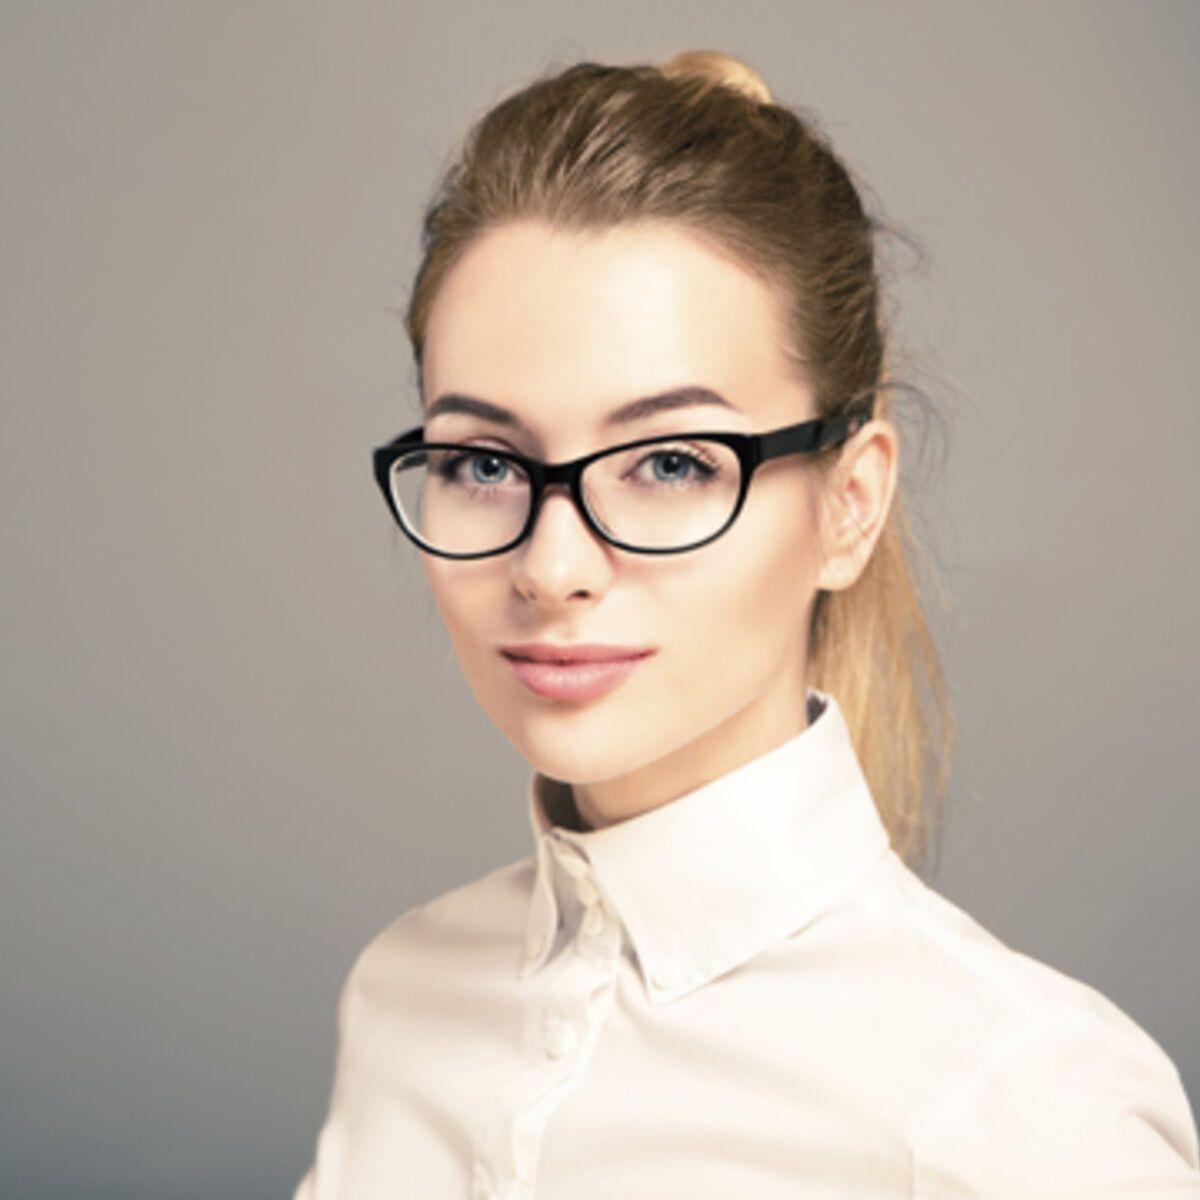 Umrechnen brillenstärke Dioptrien